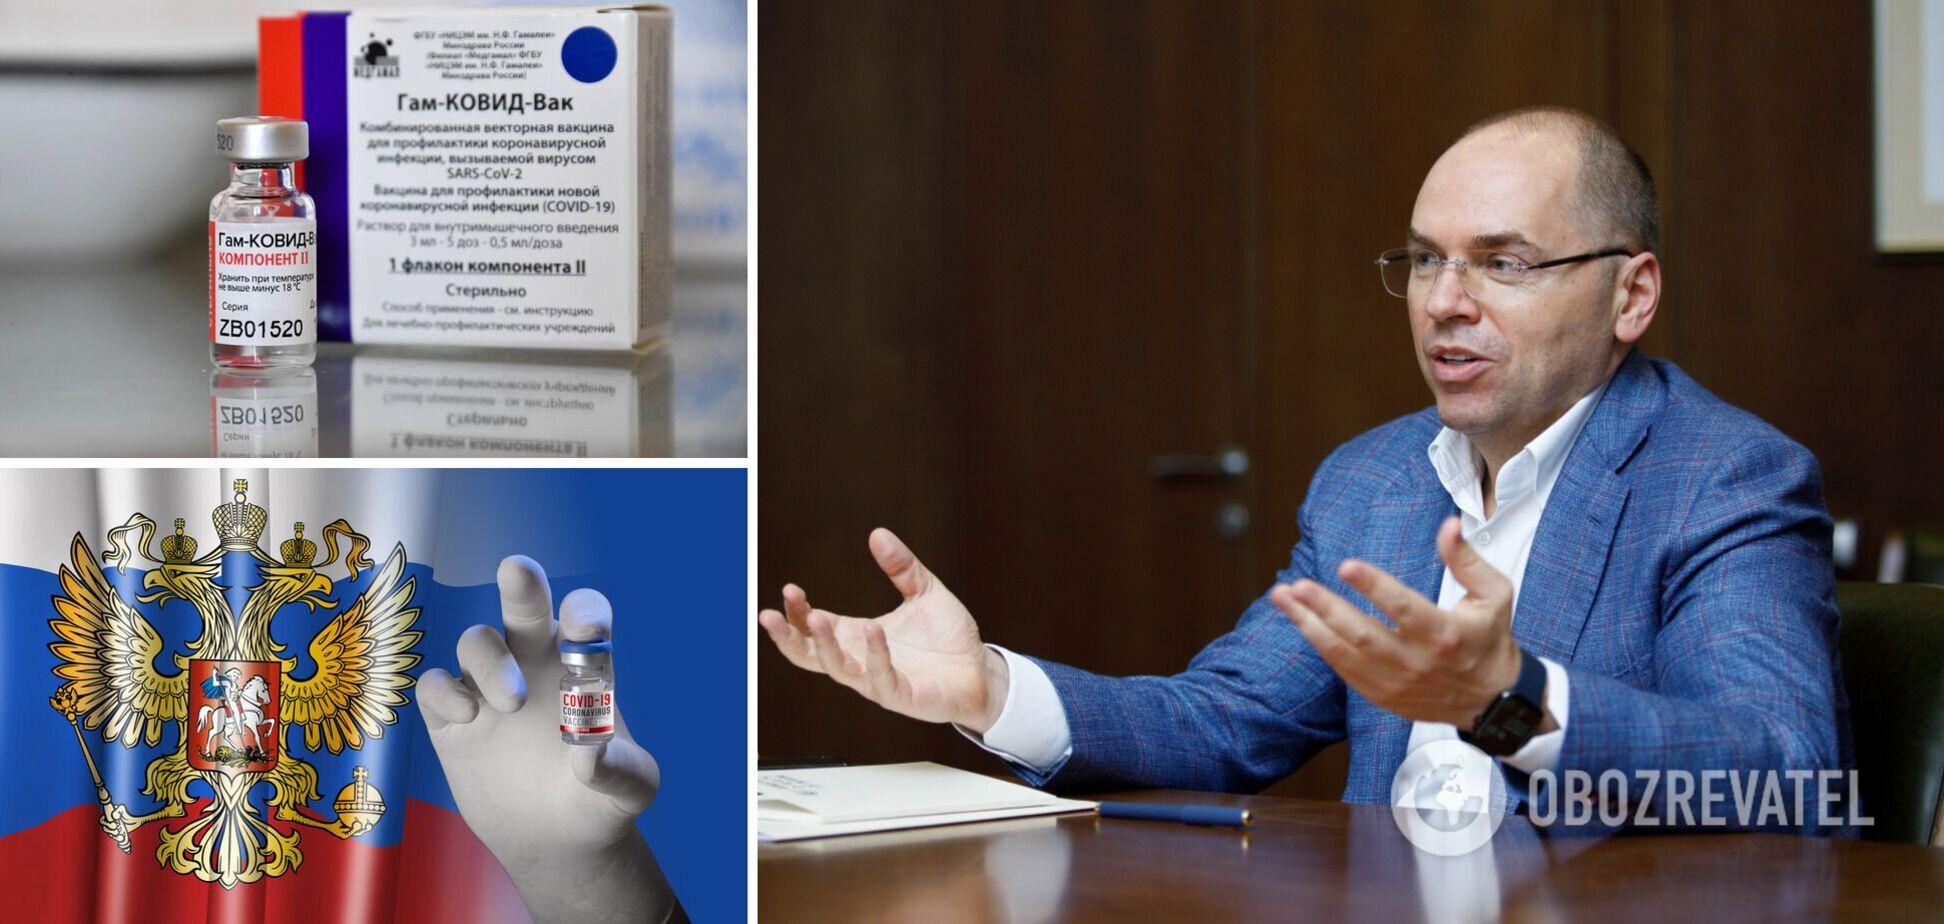 Степанов: російській вакцині немає що робити в Україні